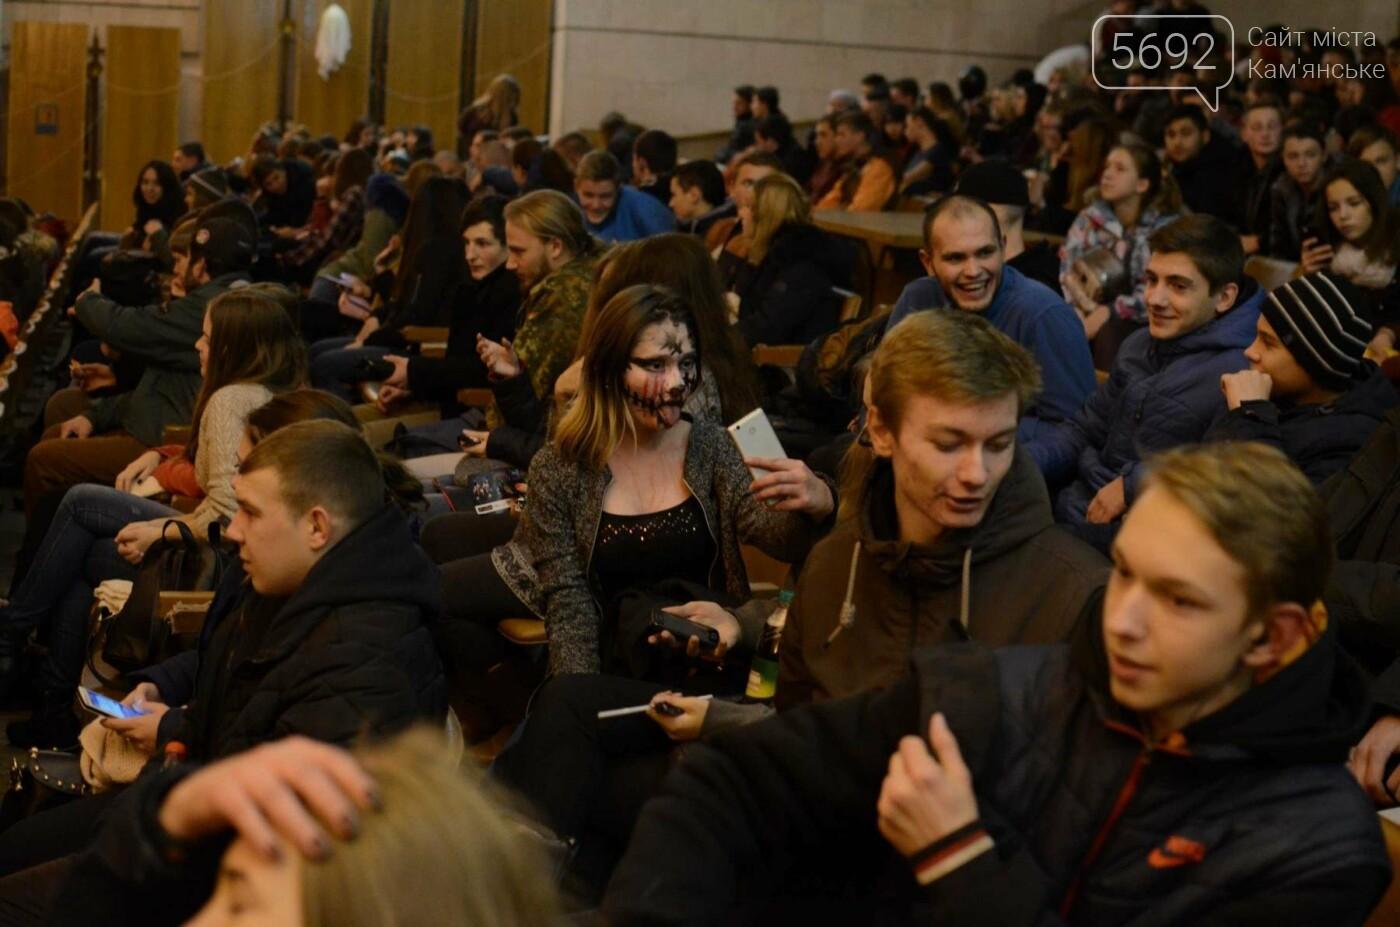 Ночь кино в Каменском посвятили Хэллоуину, фото-1